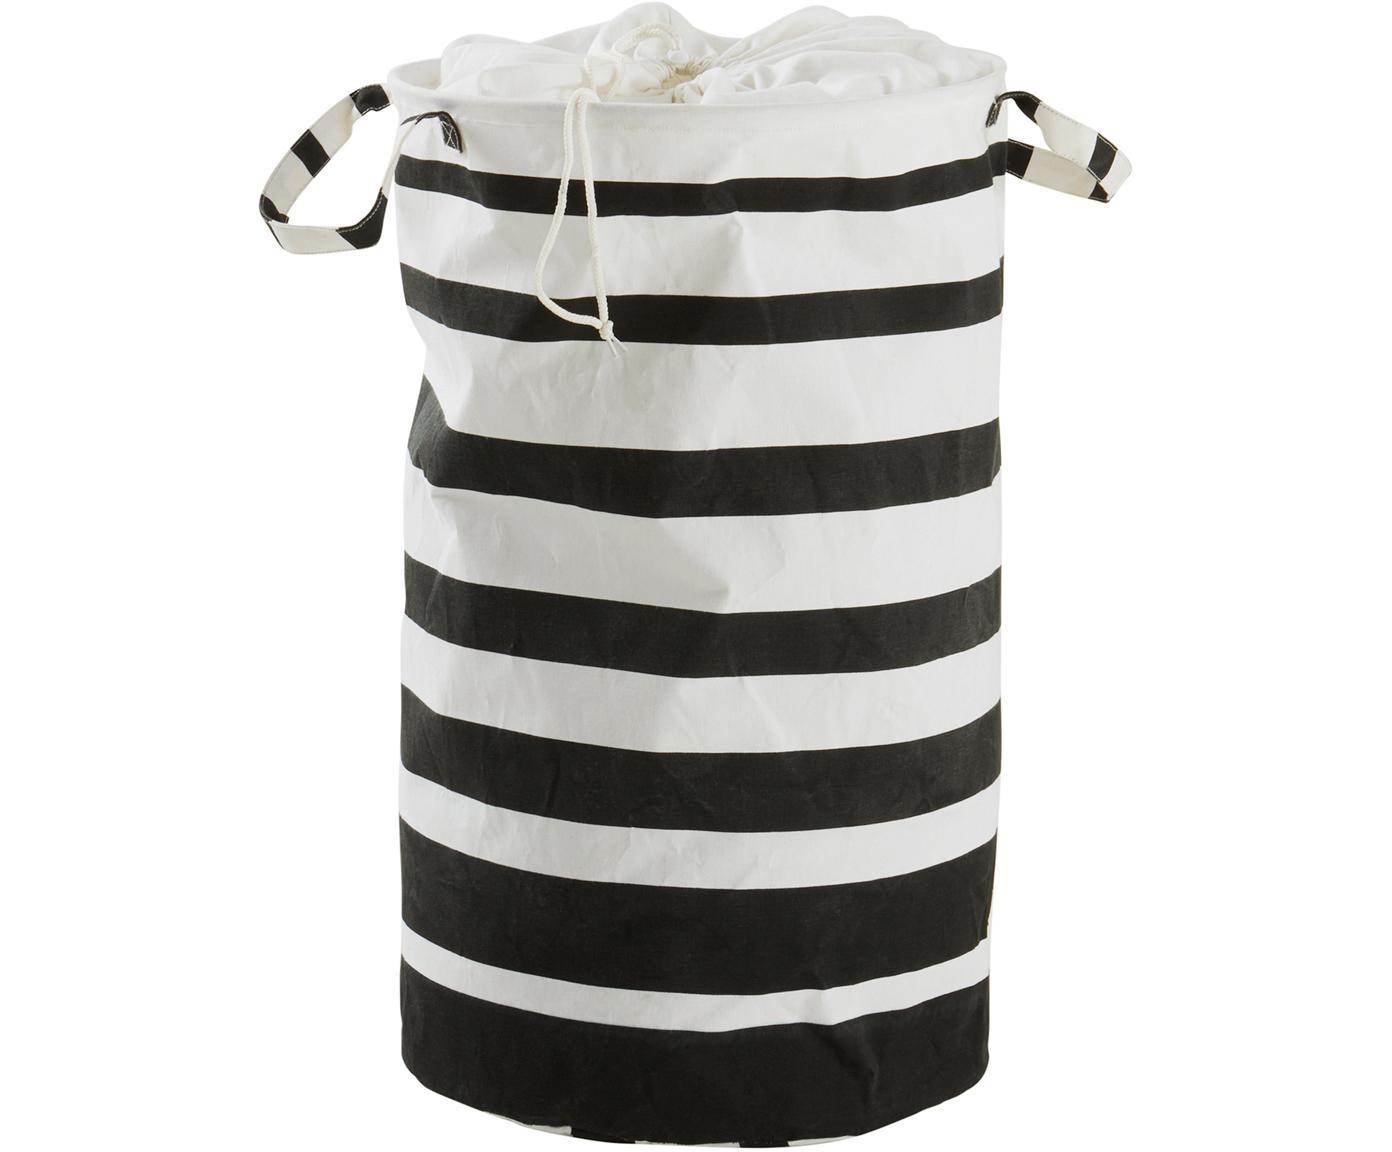 Kosz na pranie Amore, Bawełna, polipropylen, Czarny, biały, Ø 40 x W 70 cm